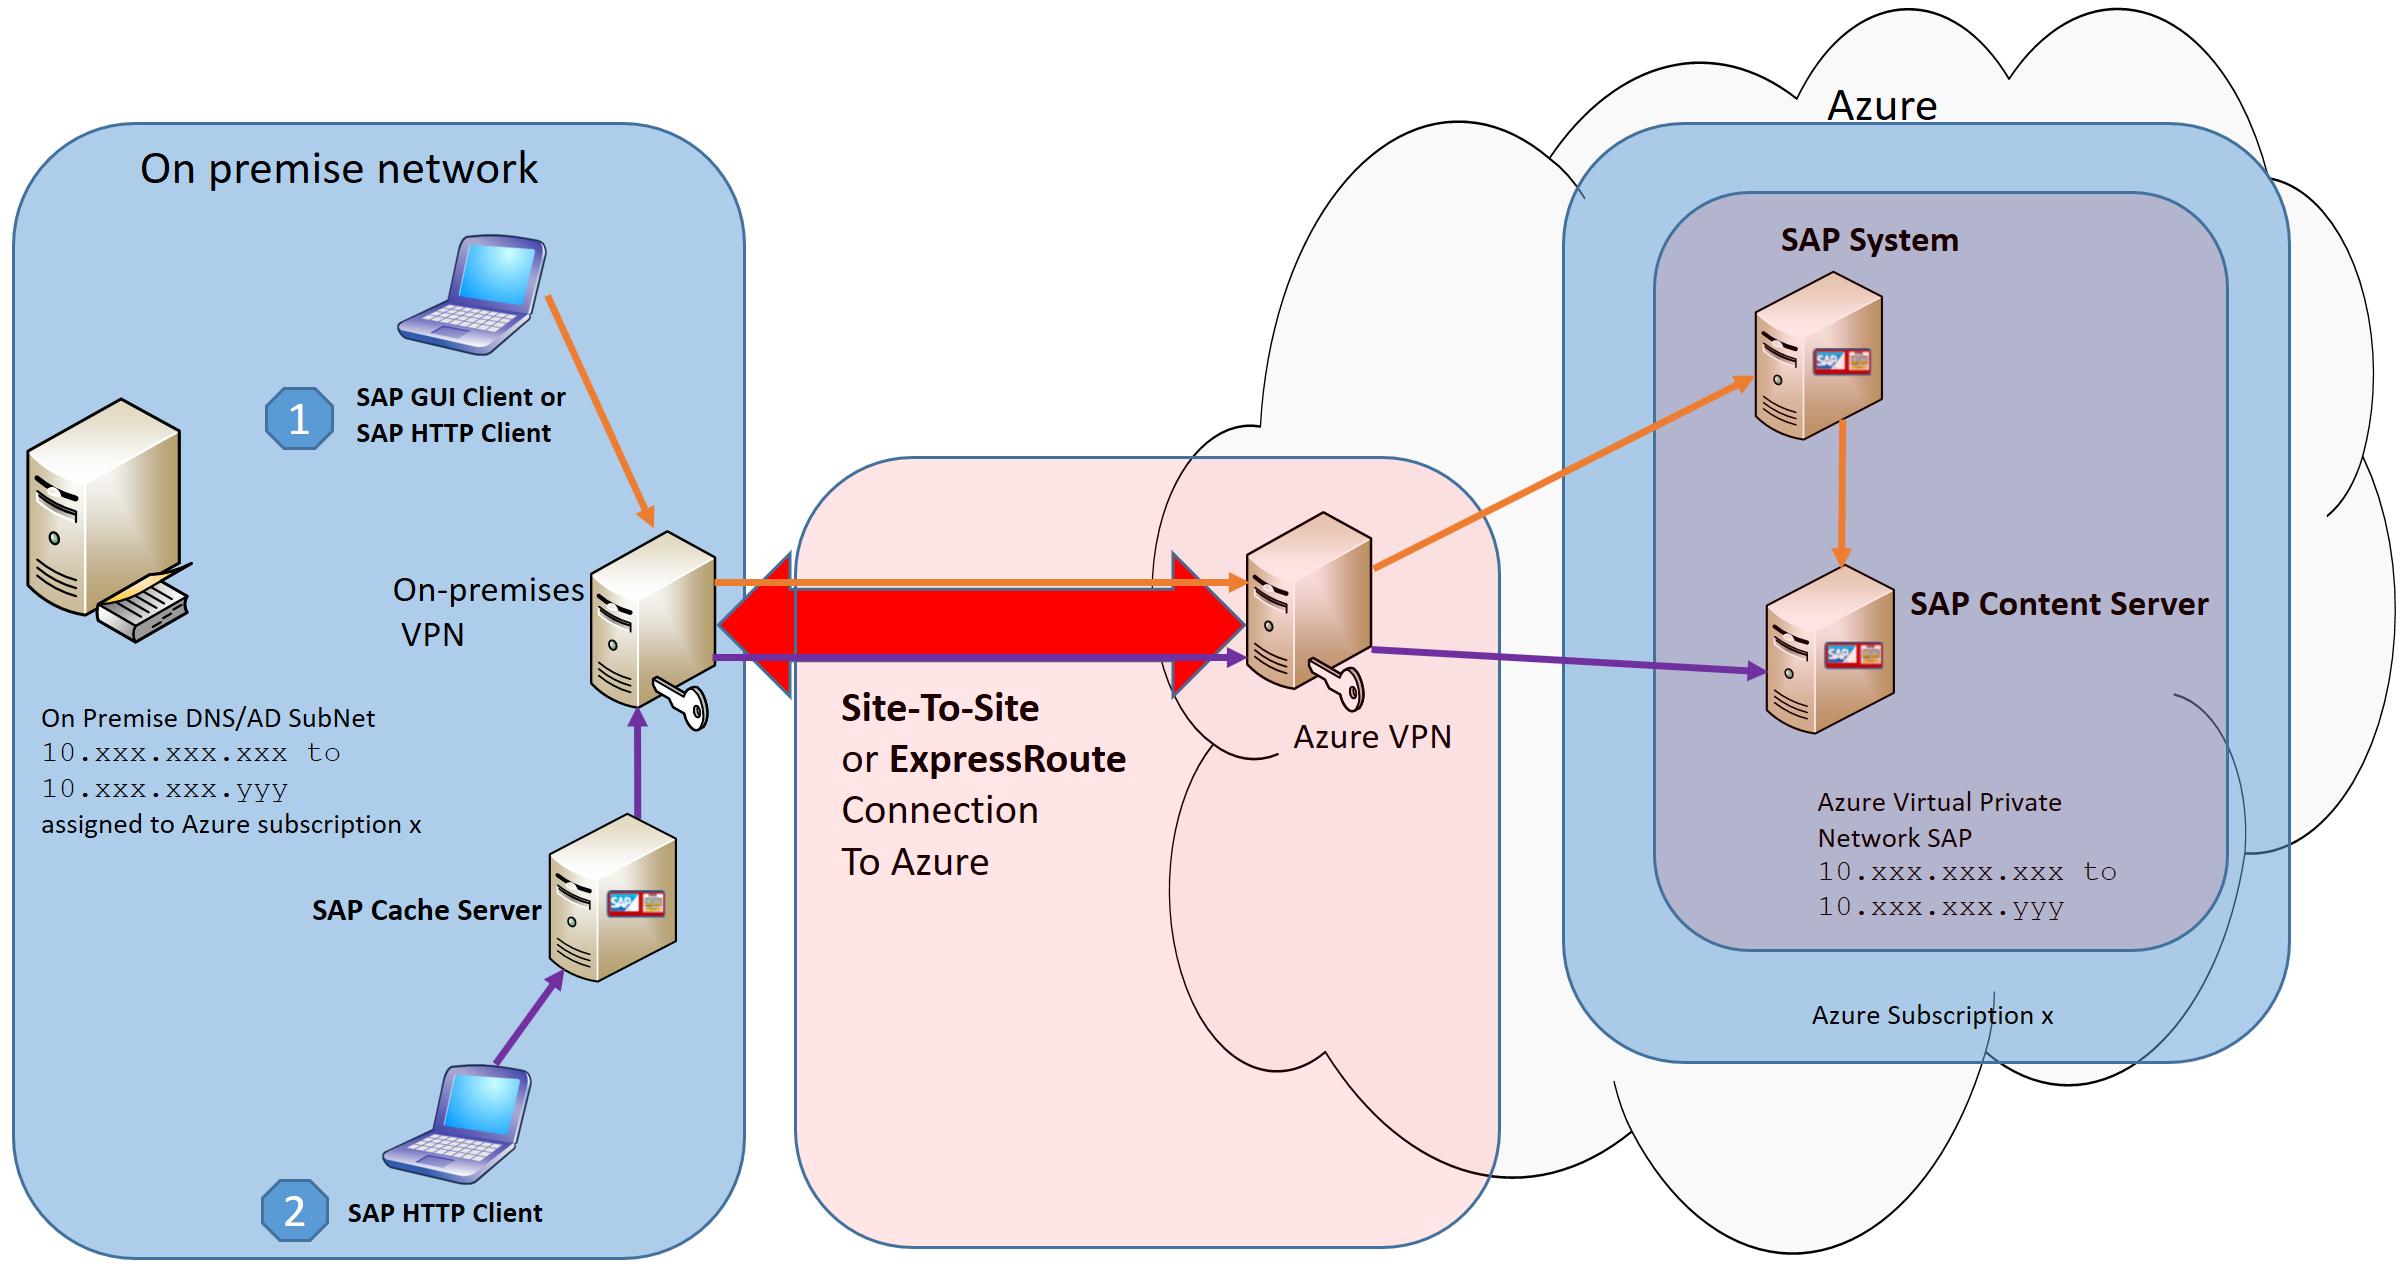 SAP MaxDB, SAP liveCache and SAP Content Server are